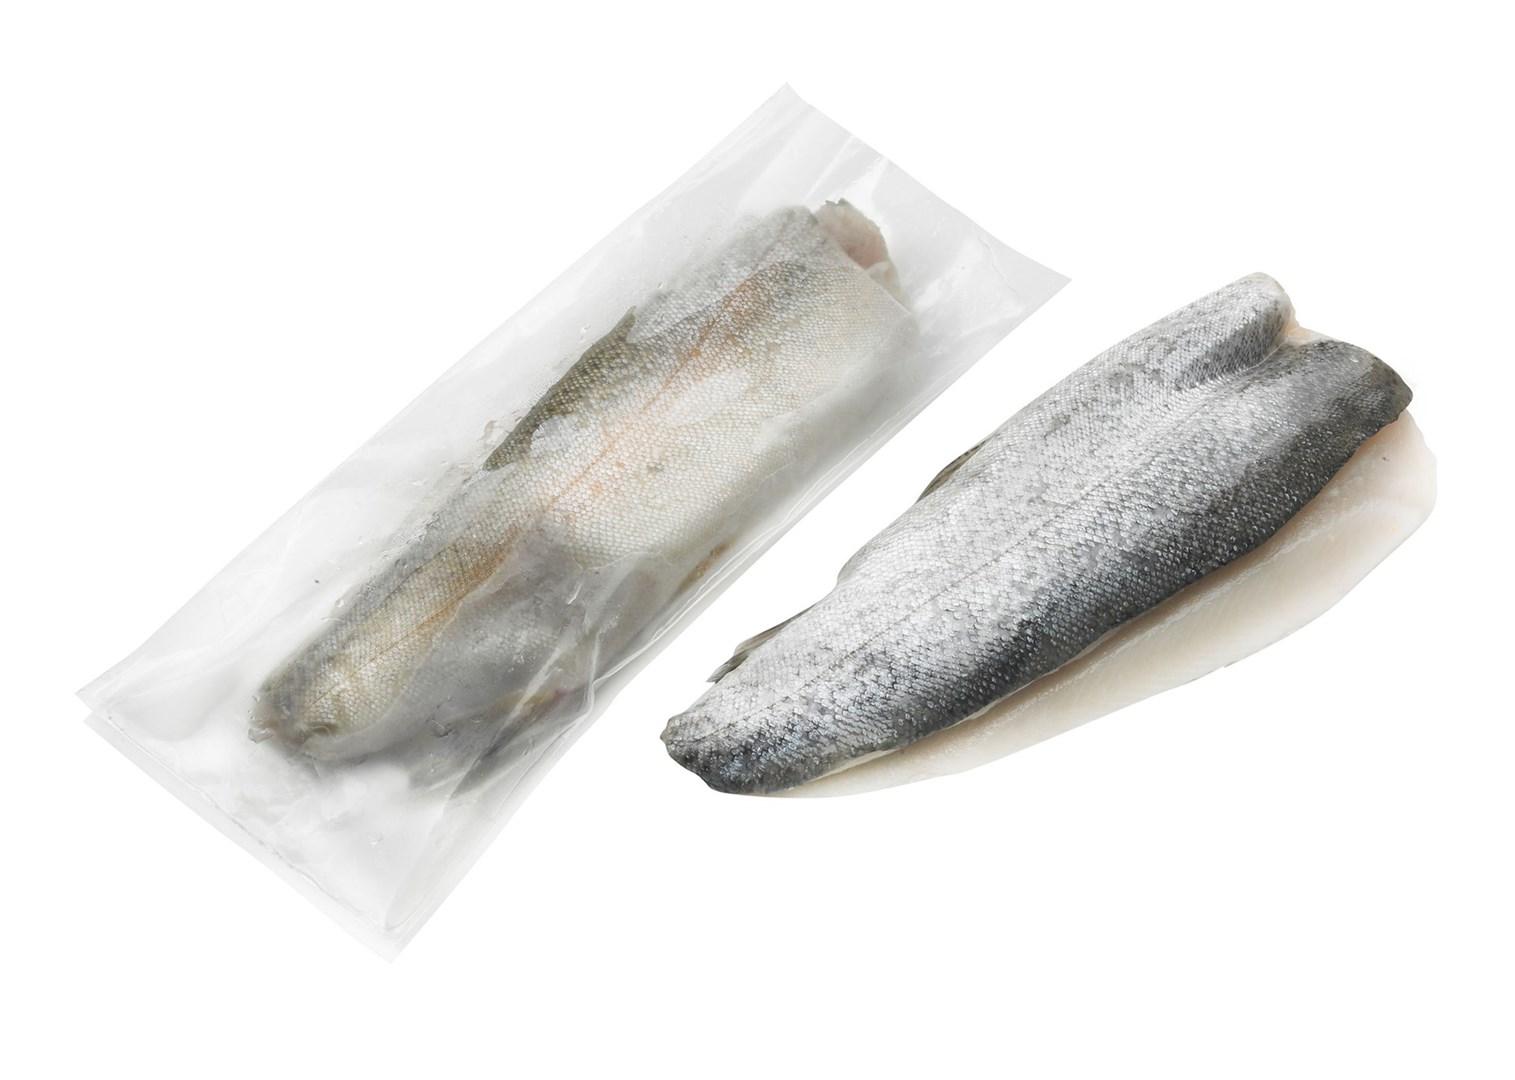 Productafbeelding Forel, filet met vel 140-160 gram DV